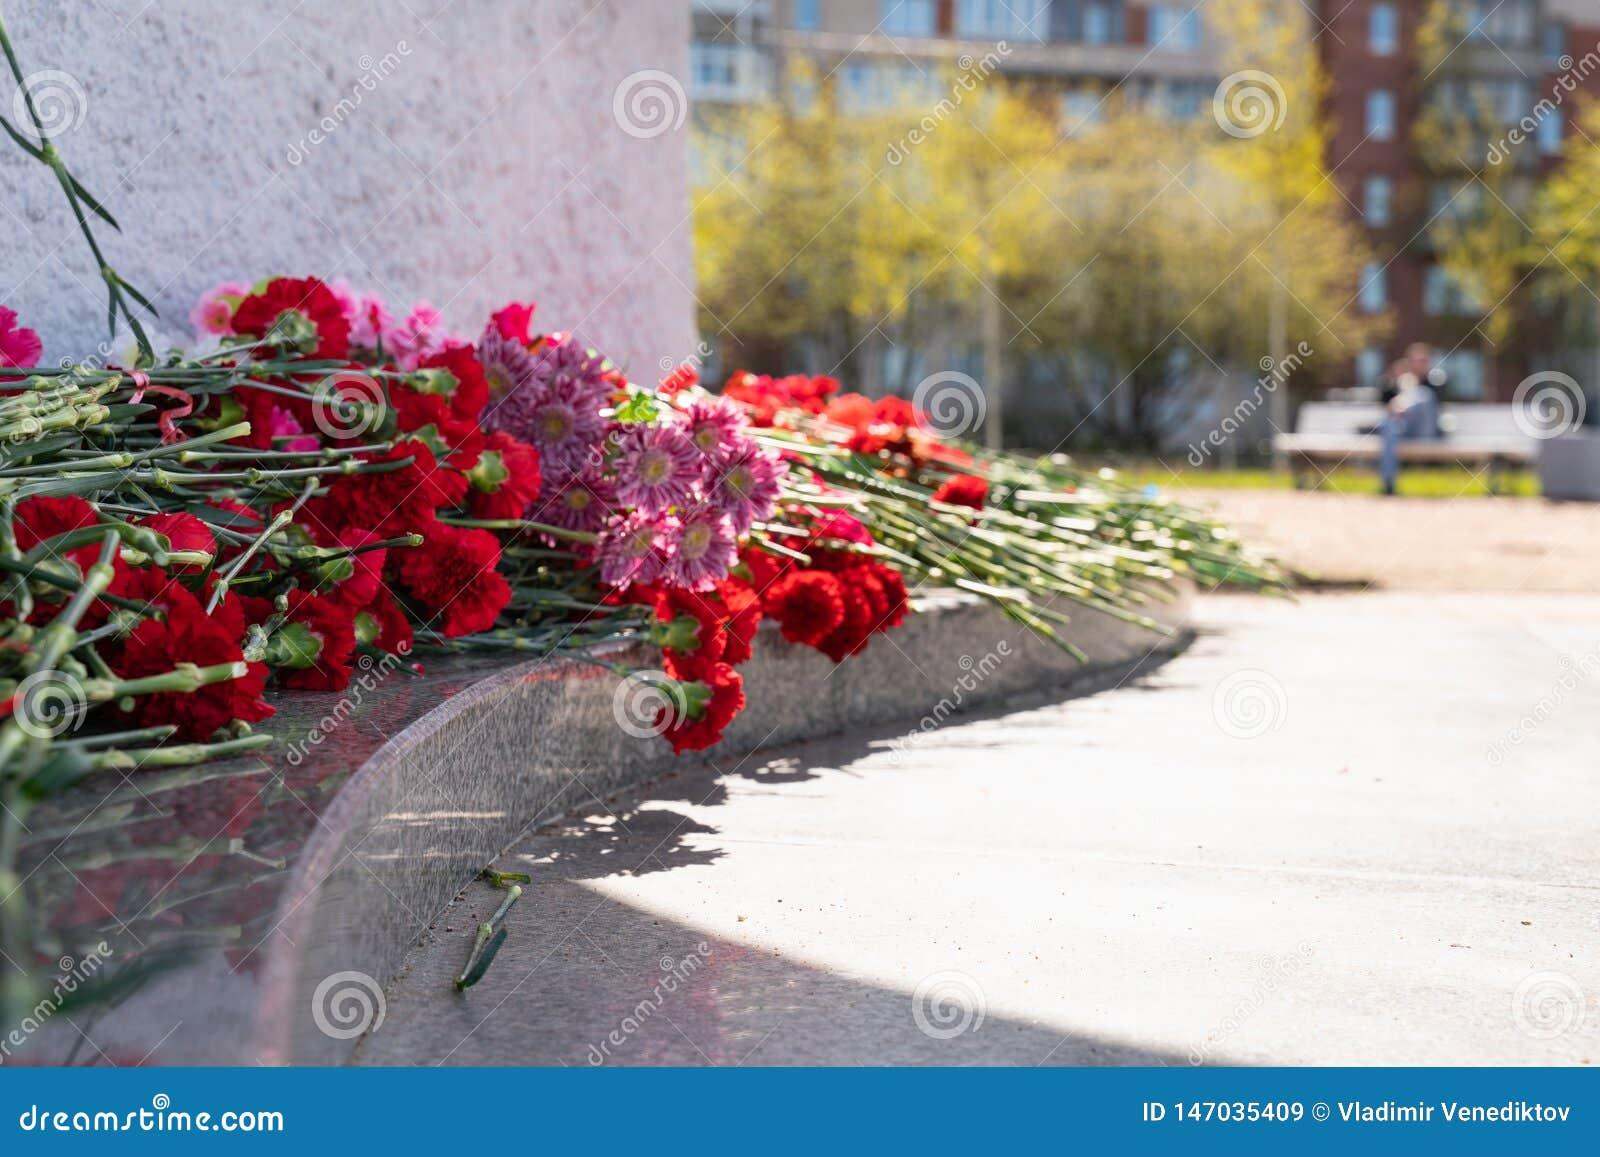 Czerwony go?dzik kwitnie przy pomnik?w spada? ?o?nierzami w drugiej wojnie ?wiatowej